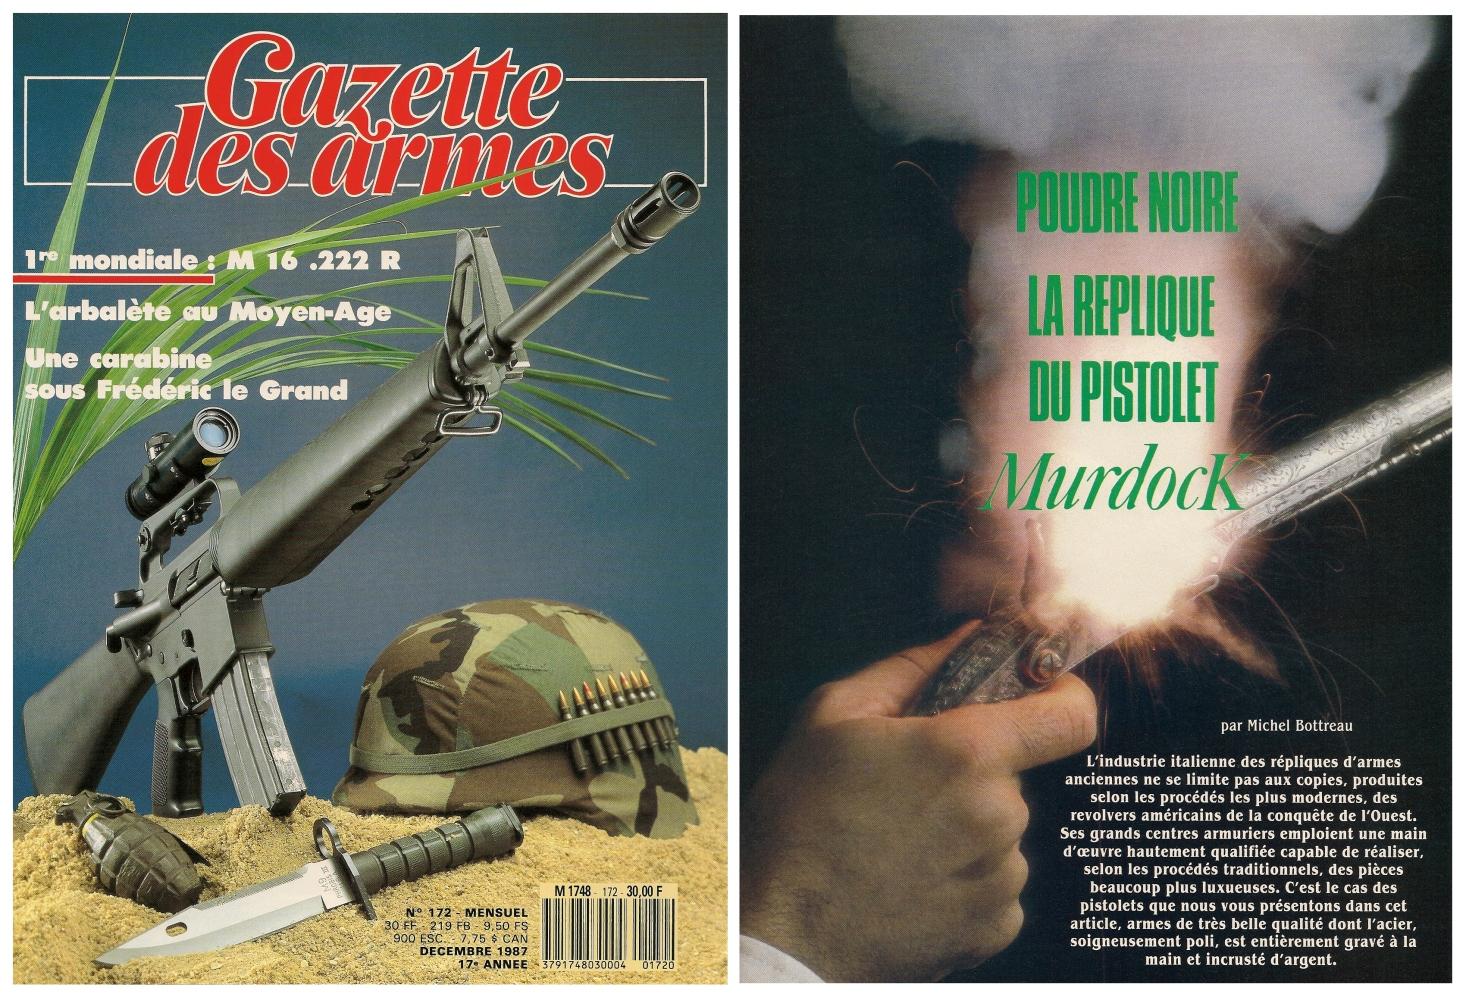 Le banc d'essai de la réplique du pistolet Murdoch a été publié sur 5 pages dans le magazine Gazette des Armes n°172 (décembre 1987).